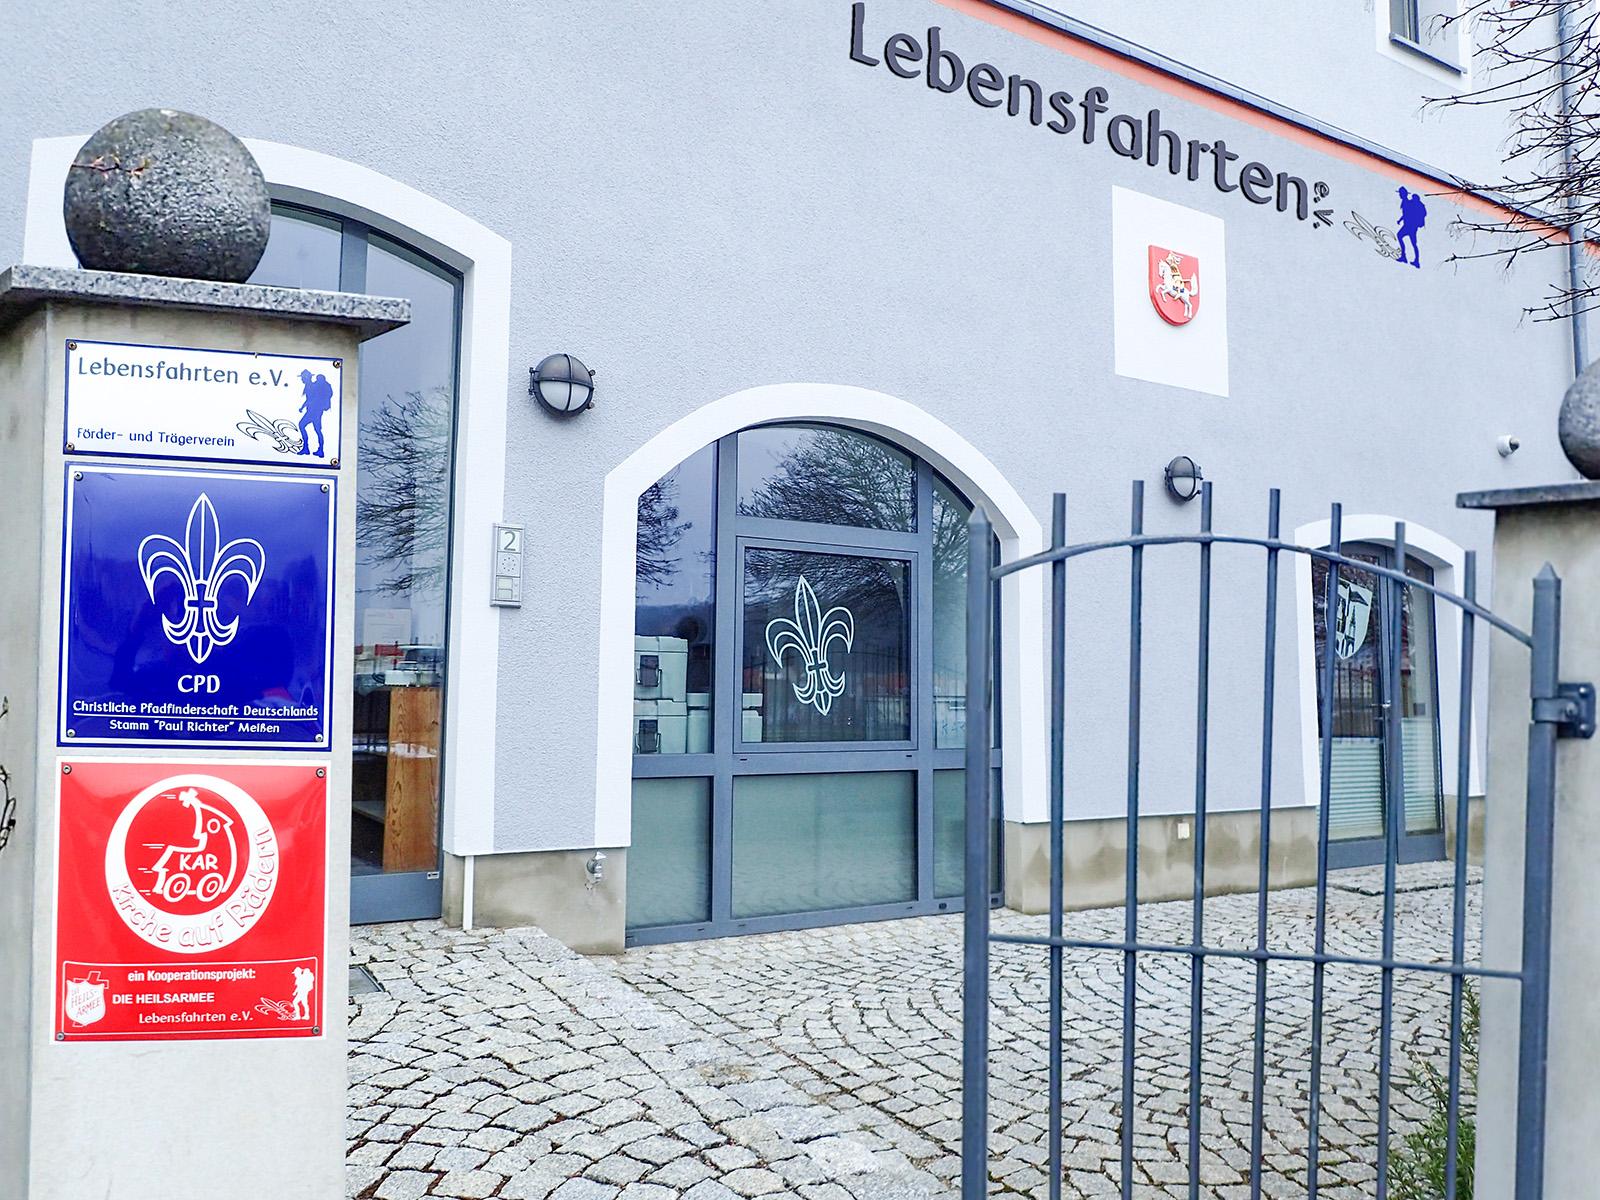 Eingang Gebäude der Lebensfahrten e. V. in Meißen